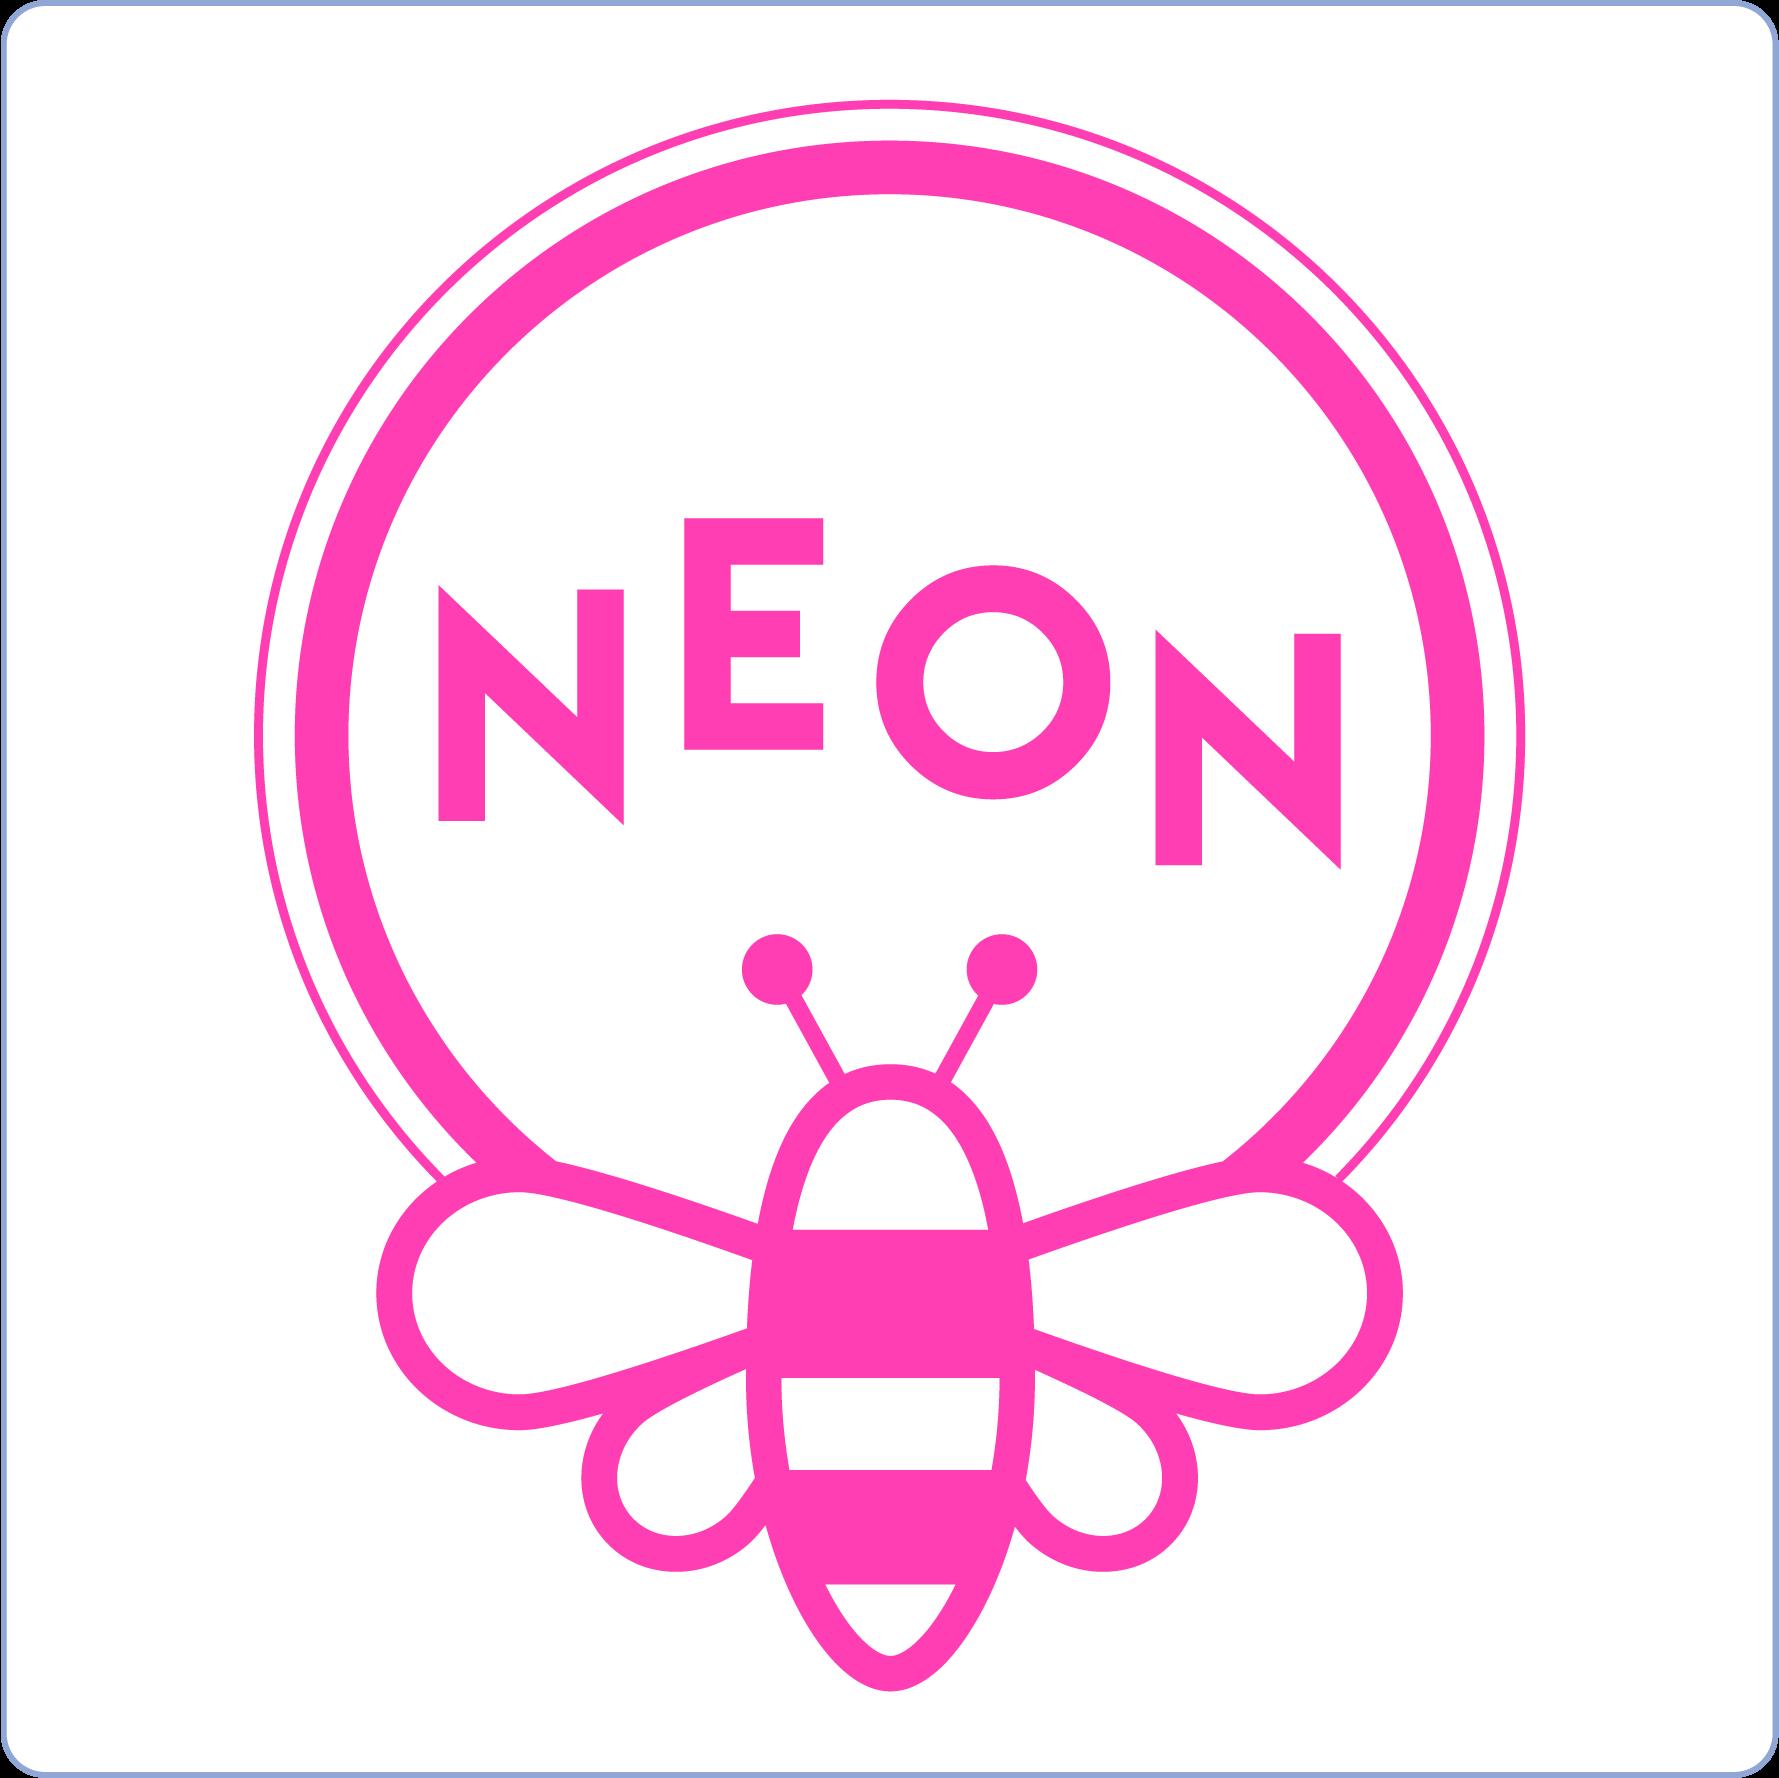 Neon Bee Kids logo